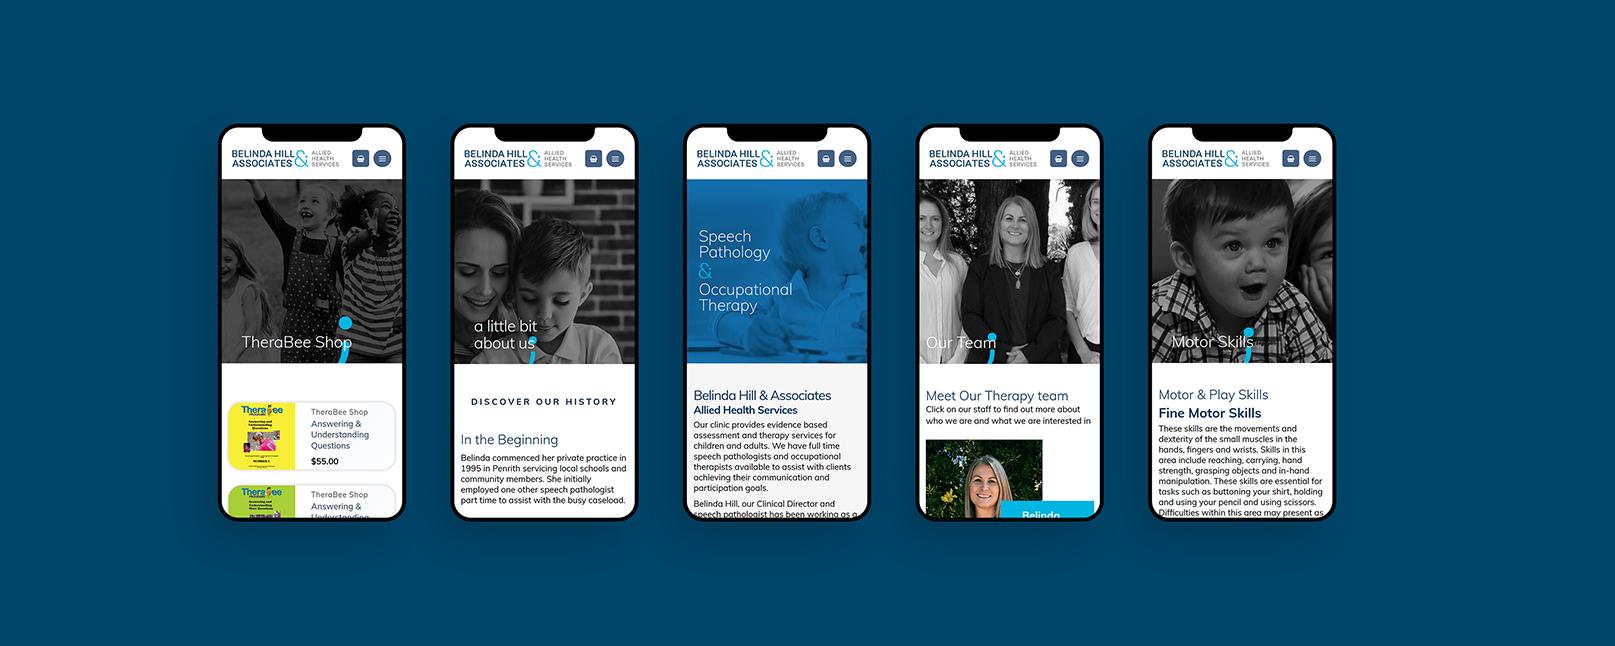 belinda hills Website Design